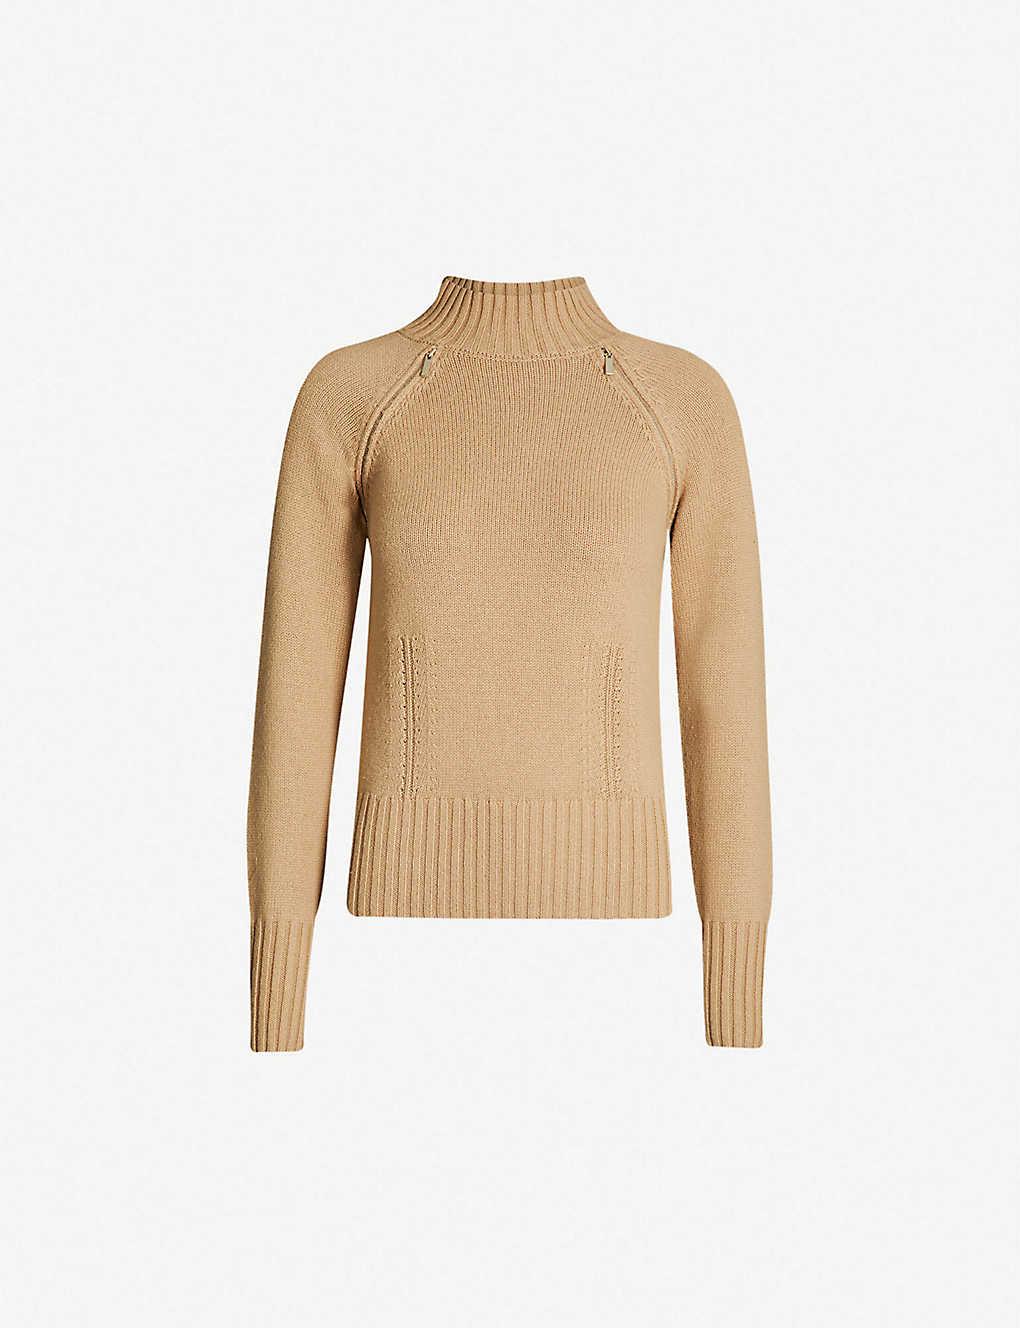 679b2e669b9 KAREN MILLEN - High-neck zip-detail knitted jumper | Selfridges.com